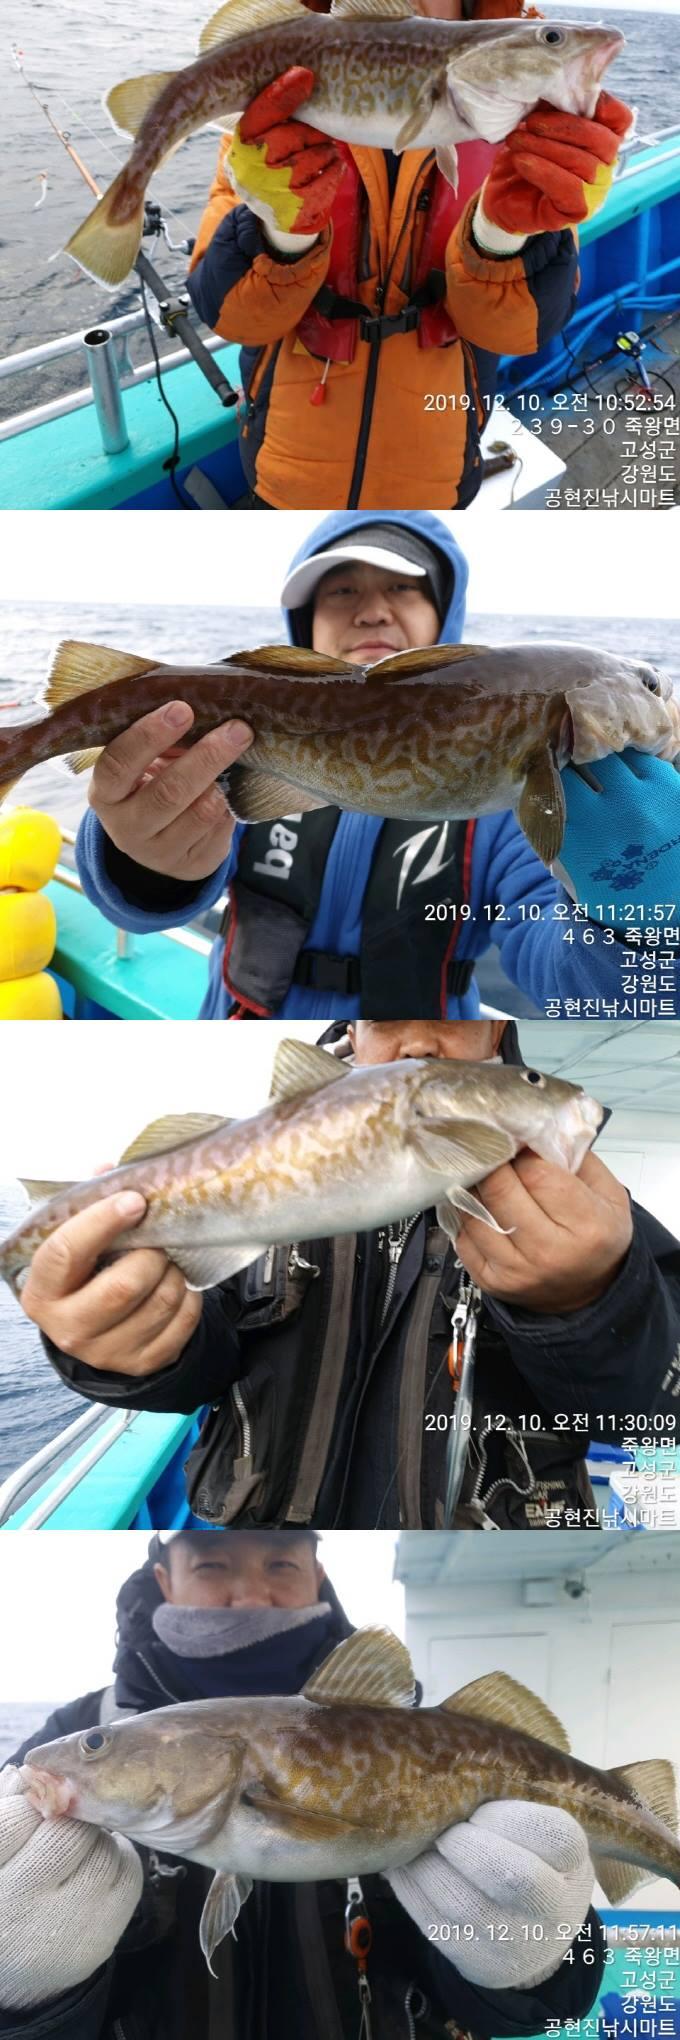 22인승 돌핀마린호 / 대구 조황~ 입니다